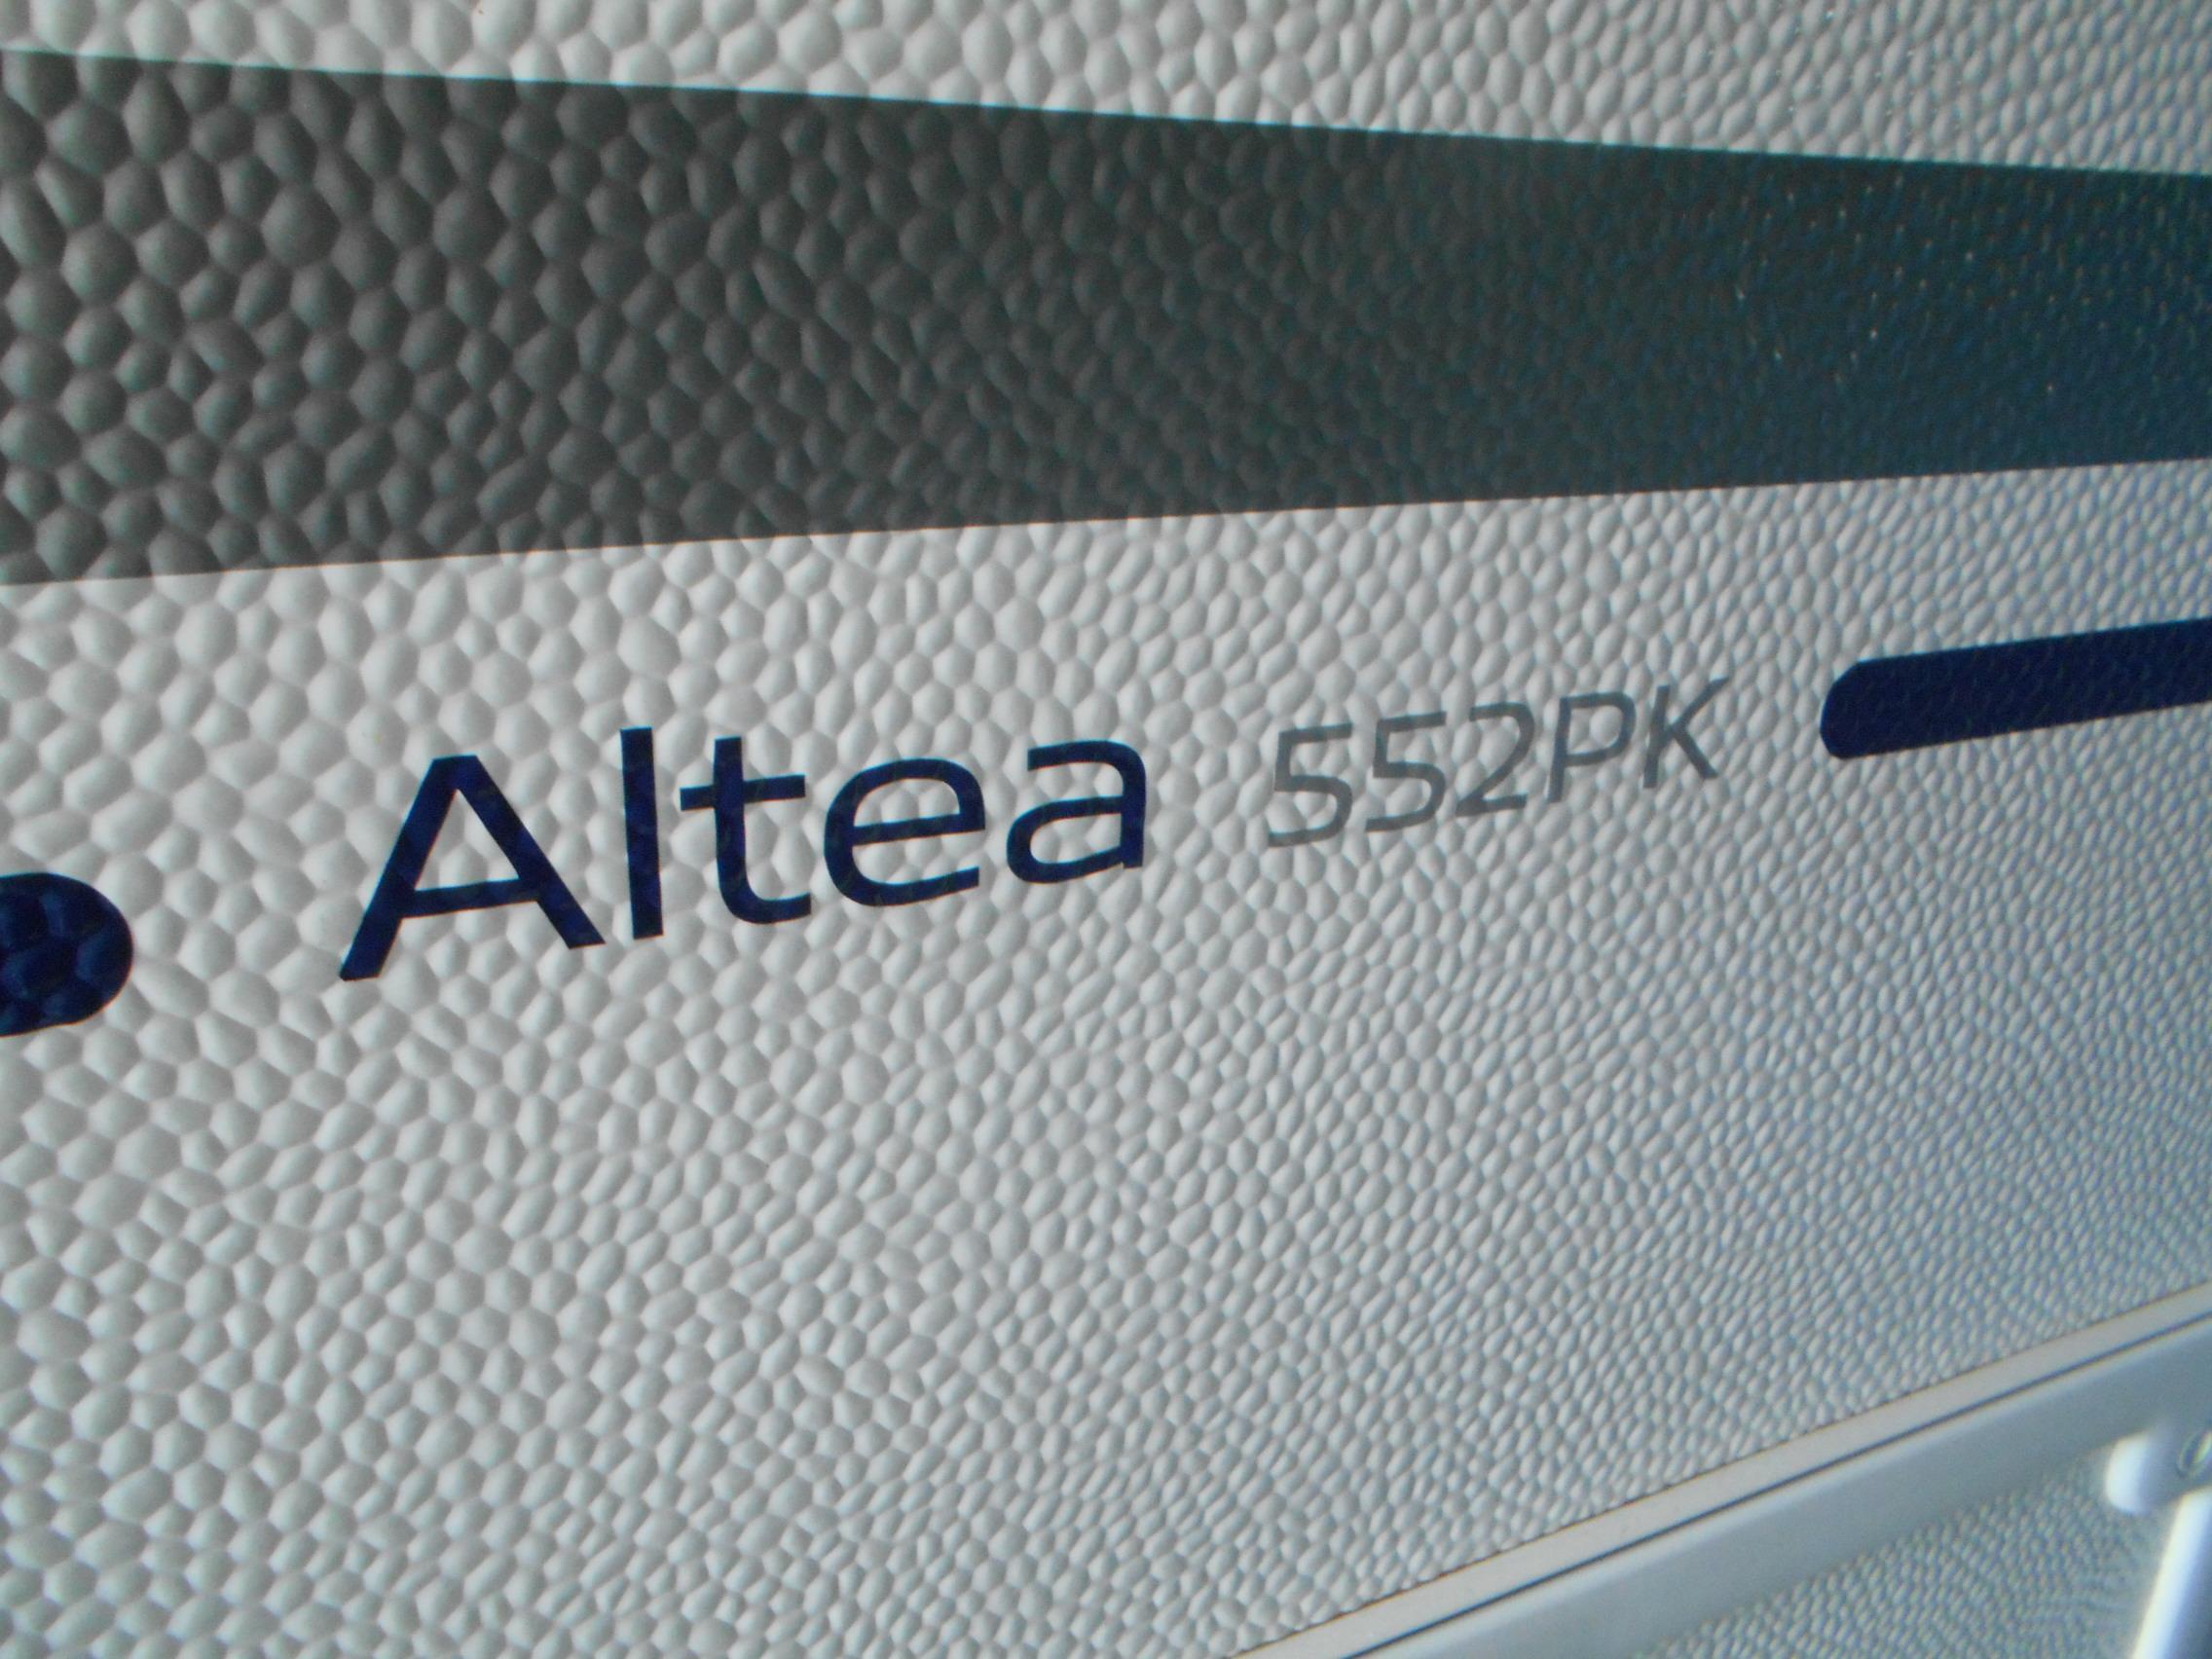 Altea552PK エアコンインストール